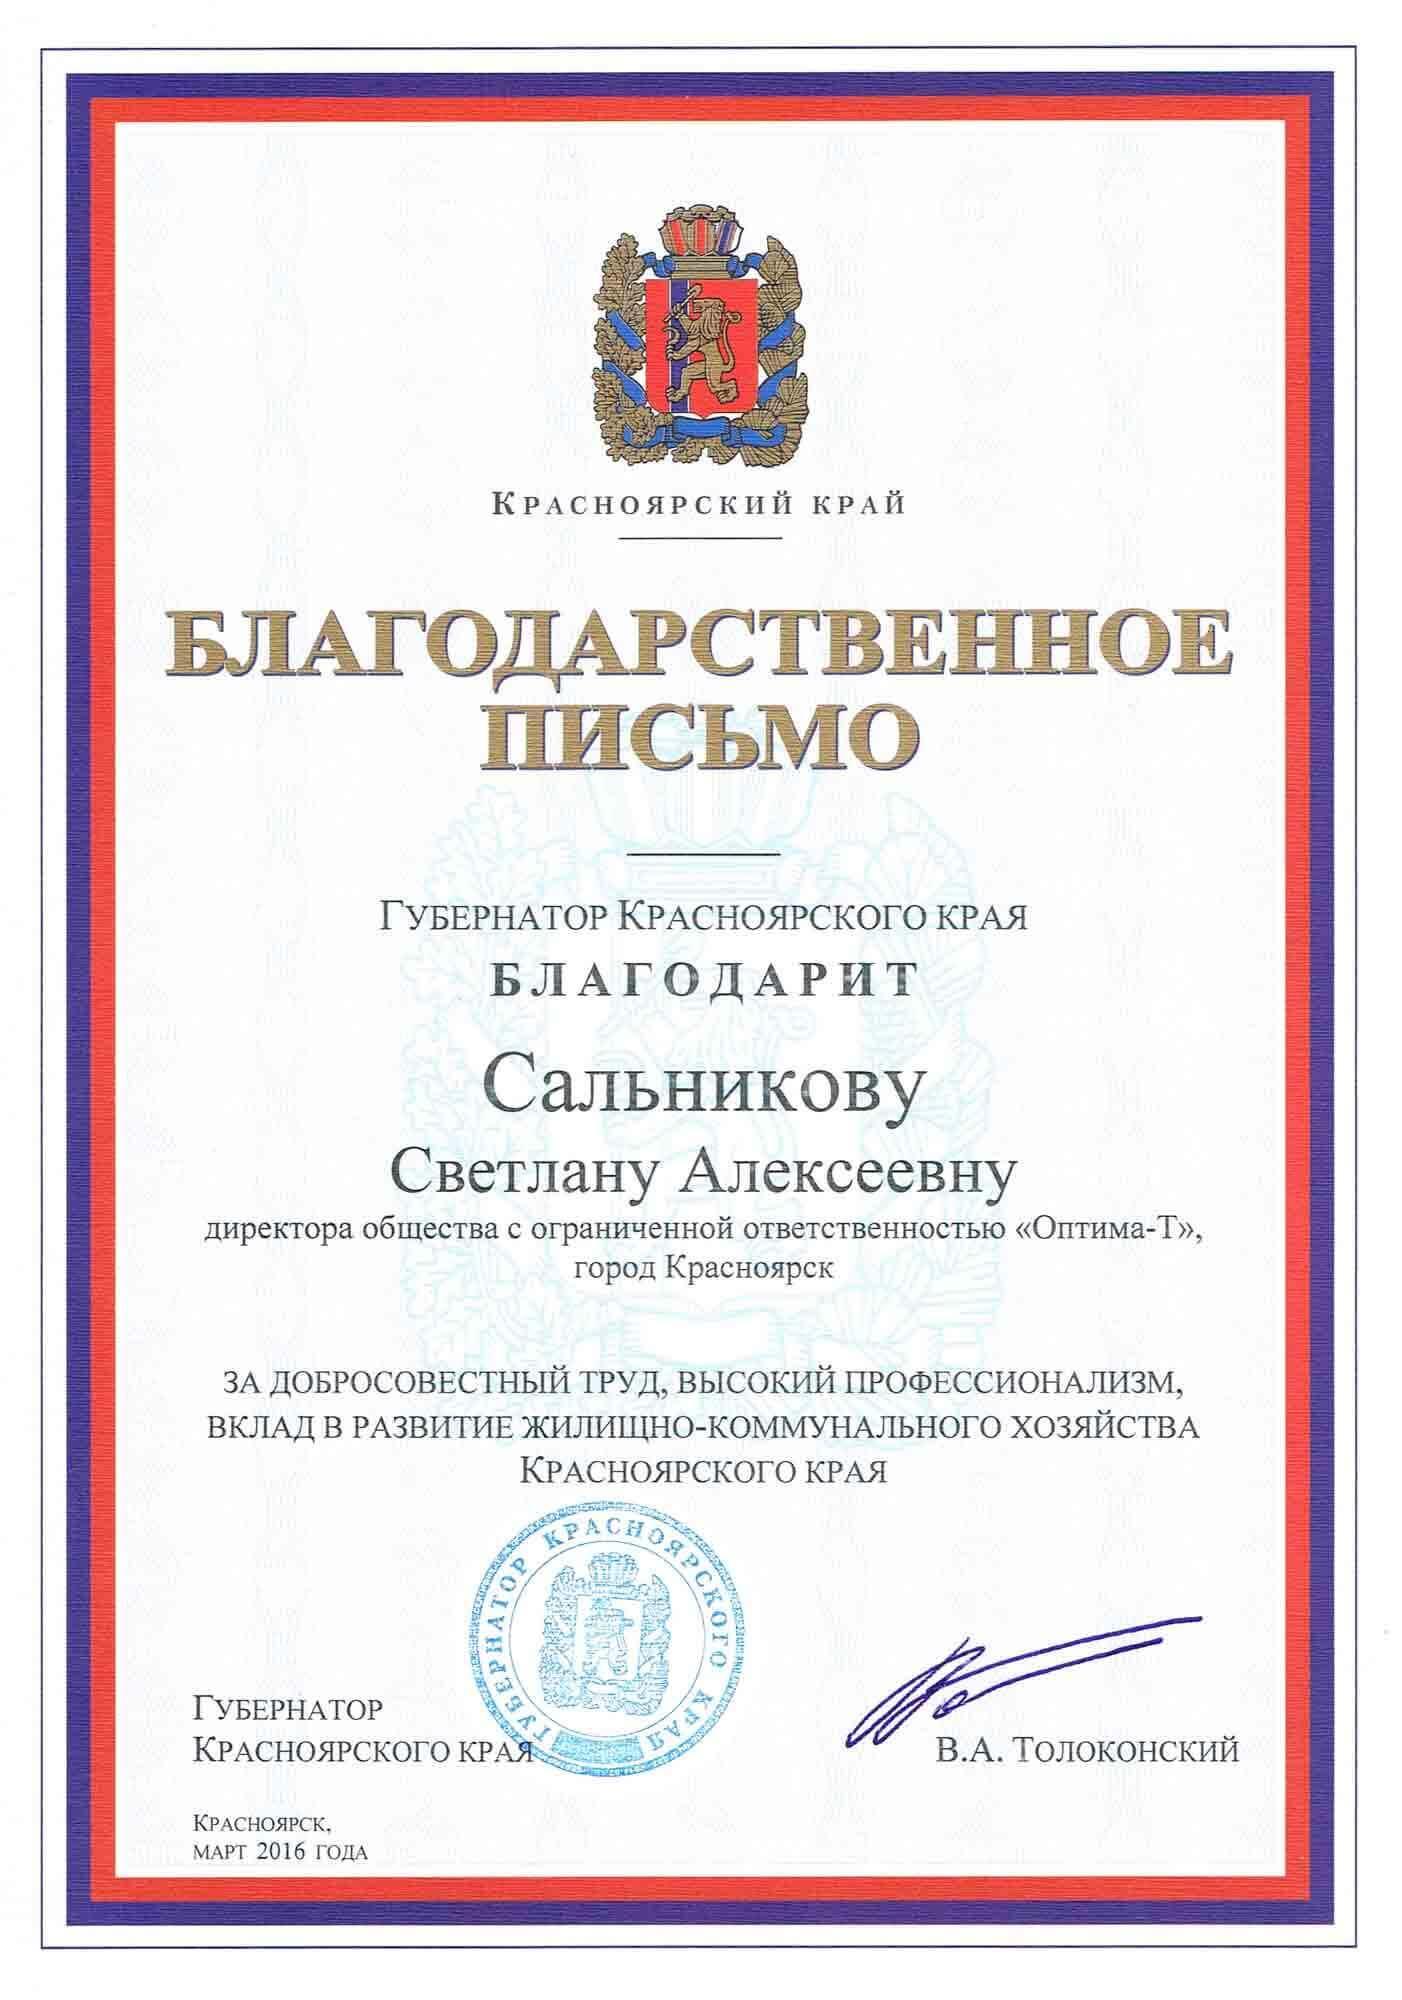 Благодарственное письмо от губернатора Красноярского края